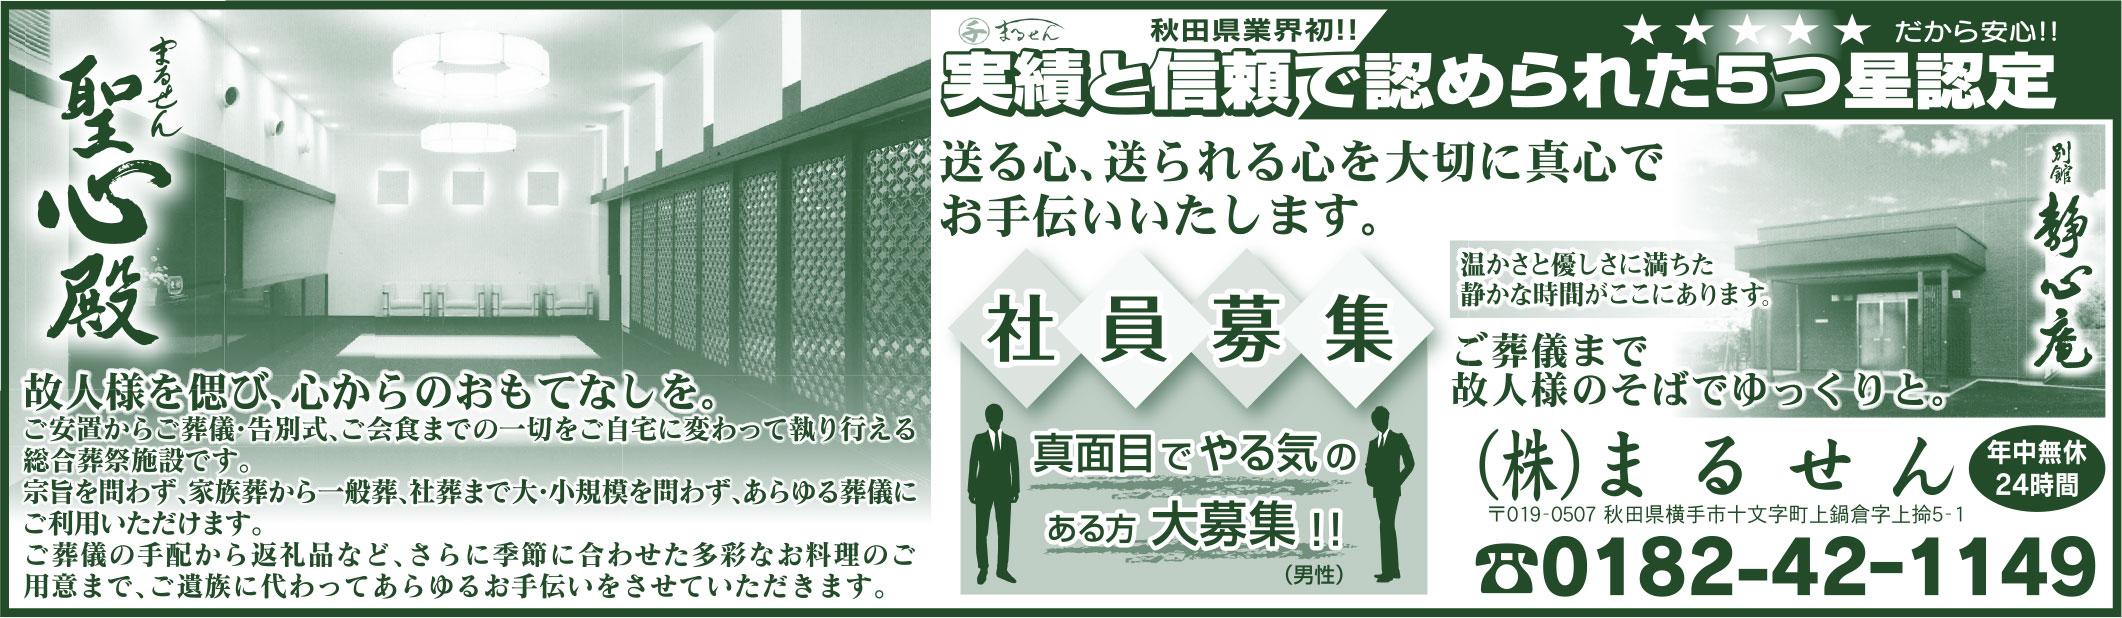 (株)まるせん様のお盆特集特別号2019広告